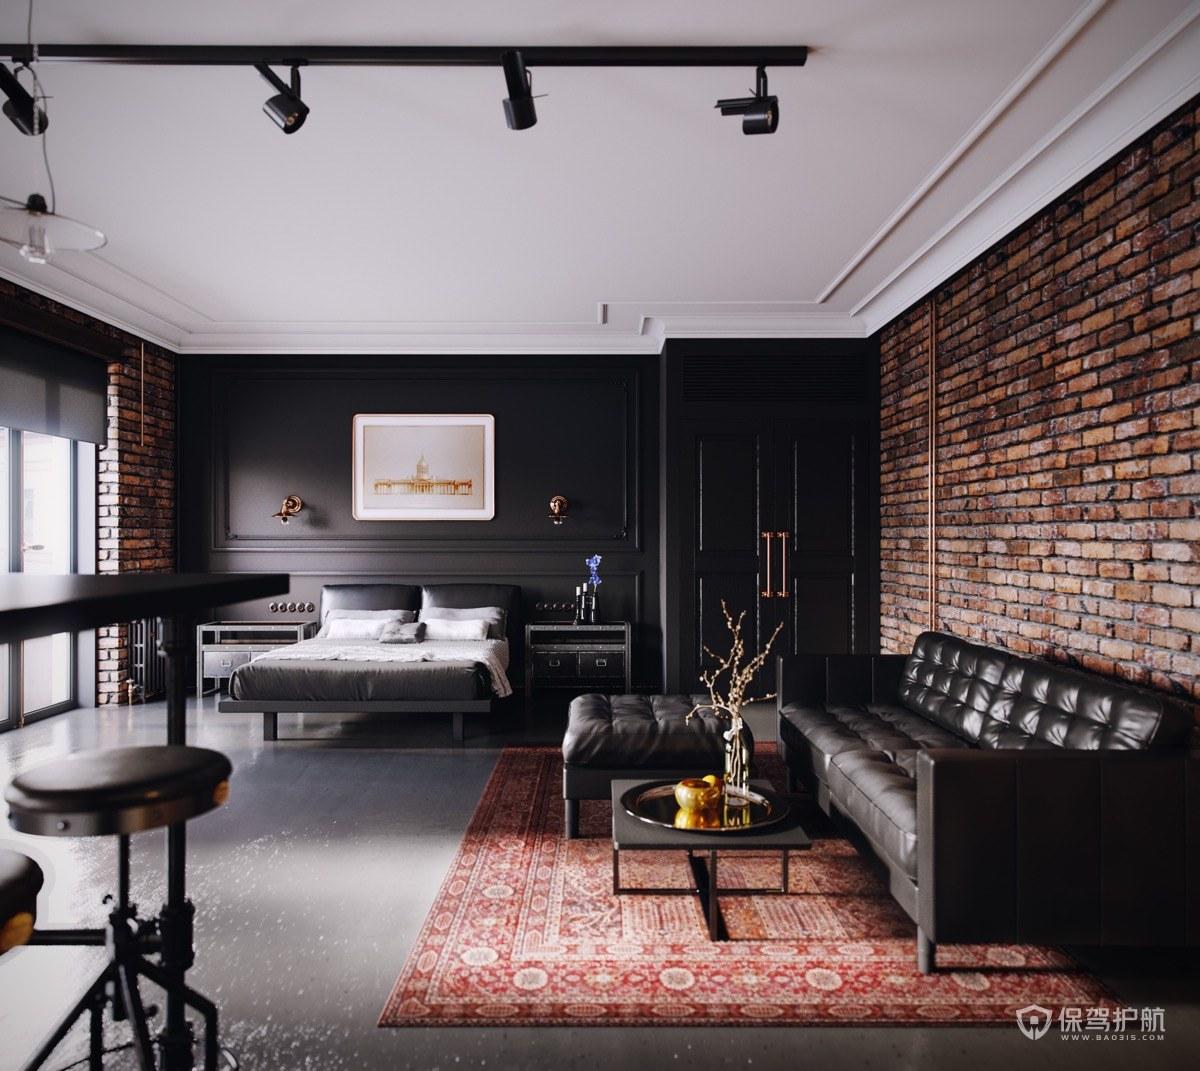 【室内设计】小户型一室公寓装修,也不失功能与风采~(二)